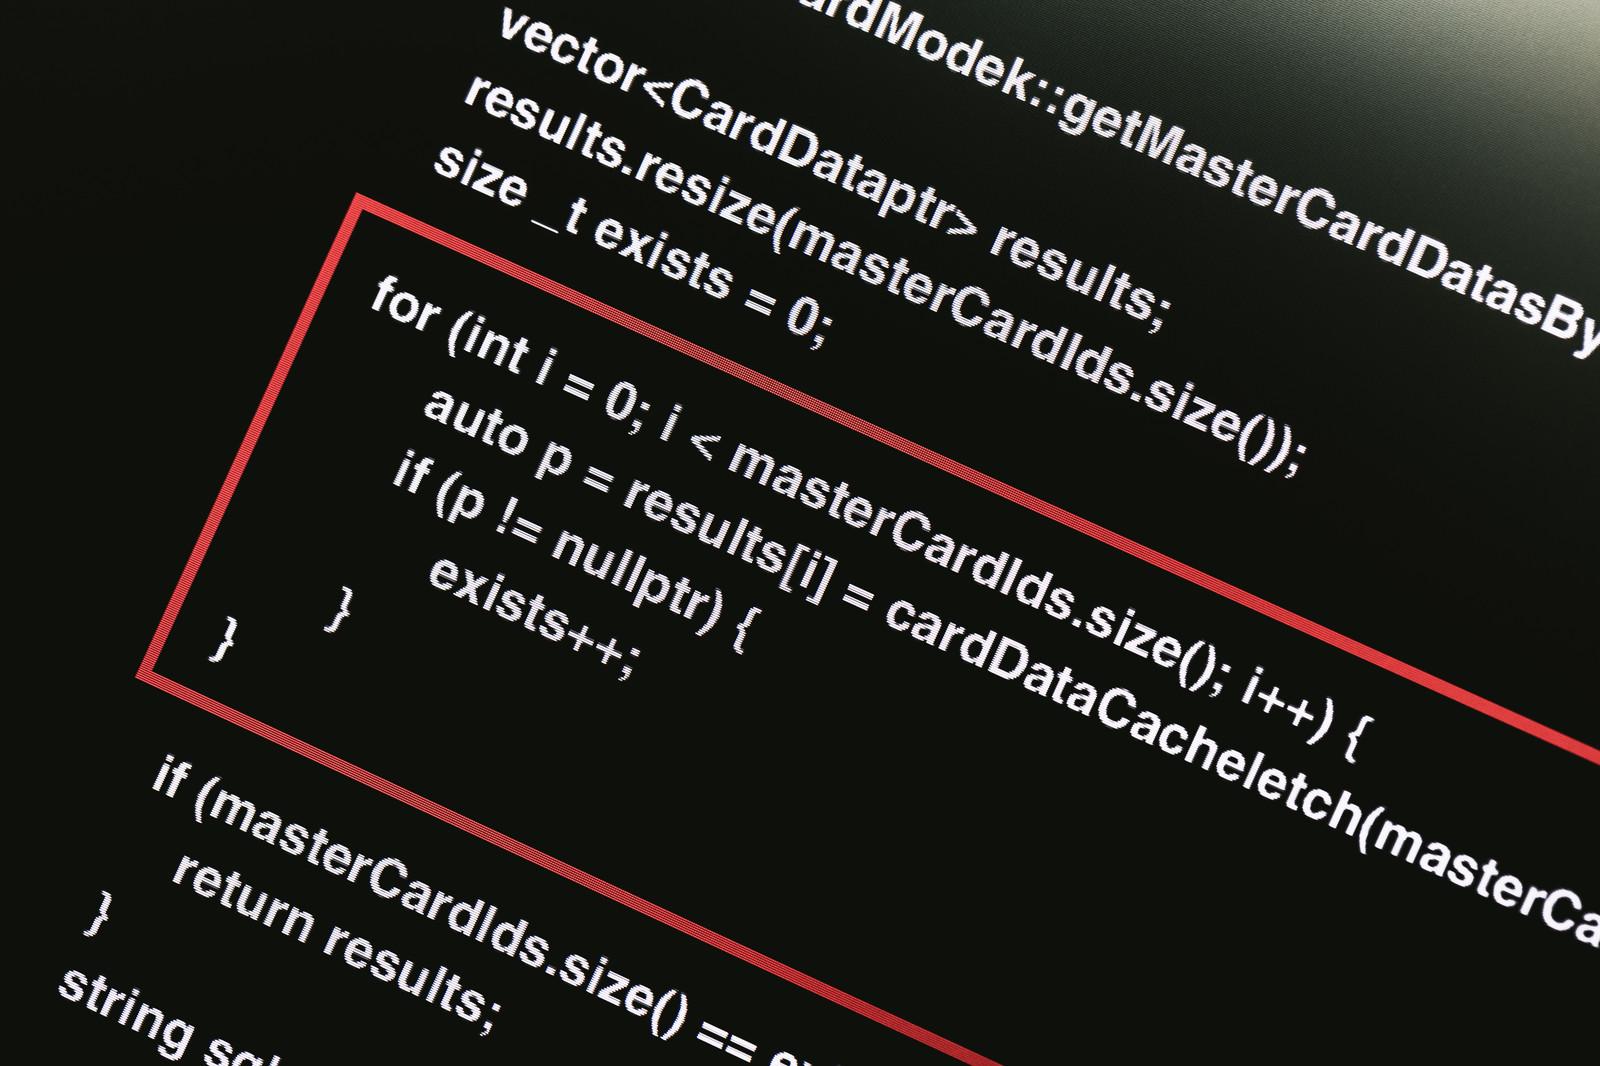 プログラミング効率を上げるエディタの選び方とオススメ